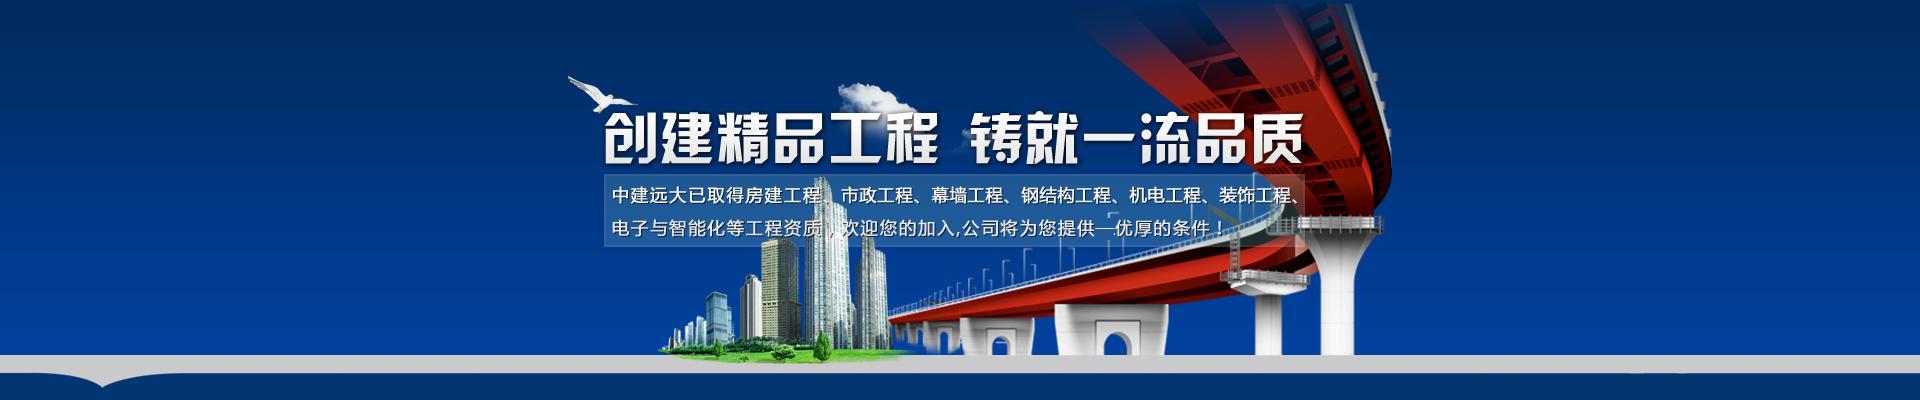 中建远大(北京)建设工程有限公司